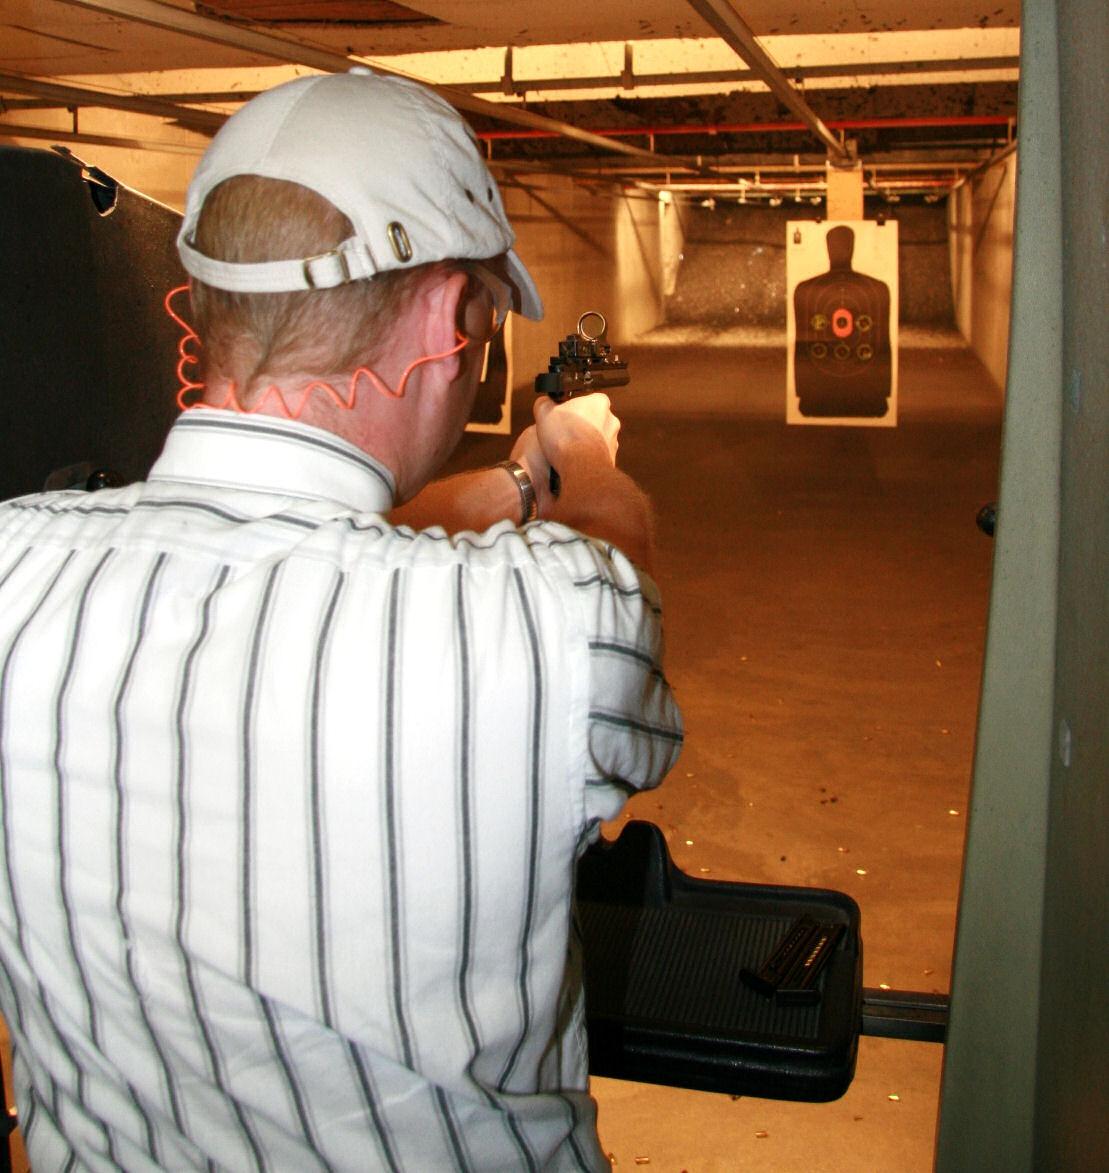 Brian J. firing the .22